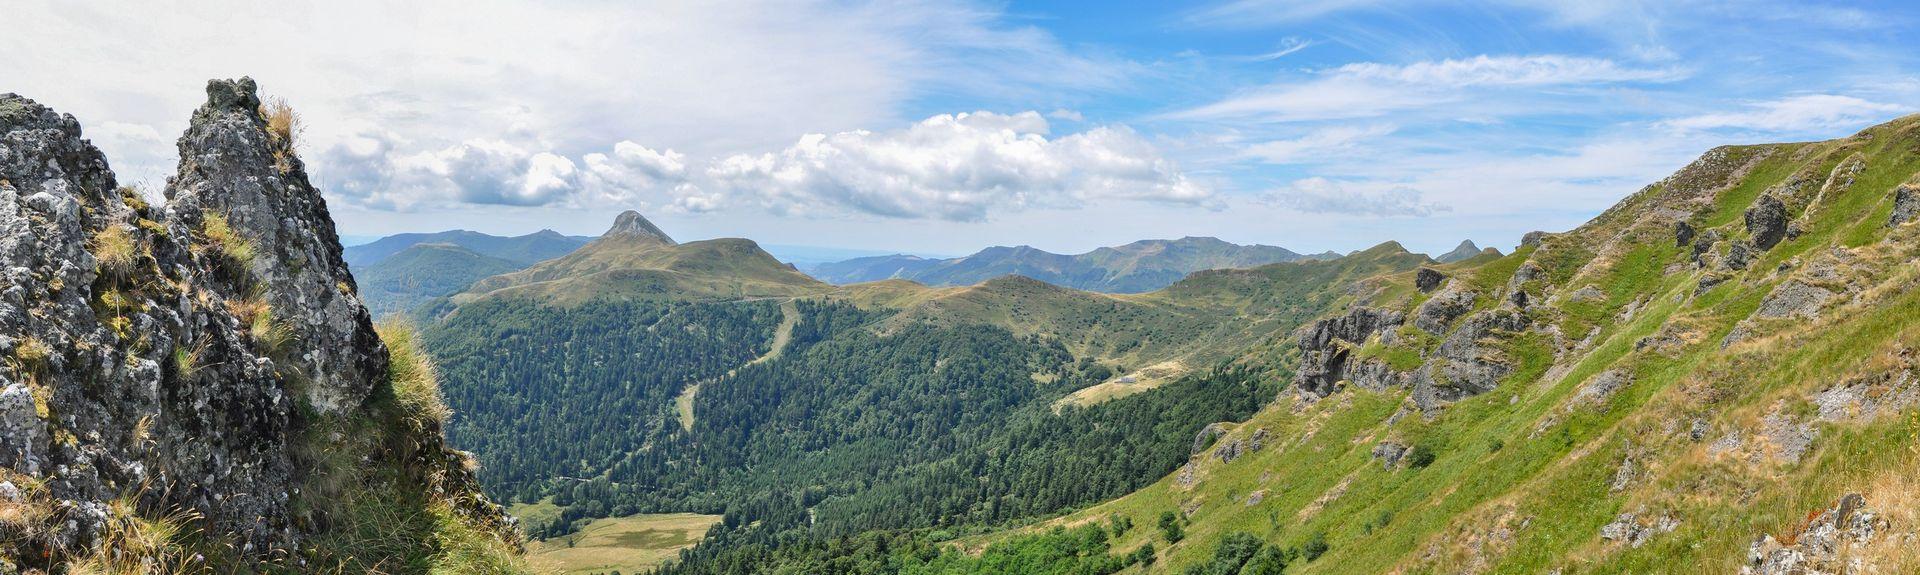 Marmanhac, Auvergne-Rhône-Alpes, France